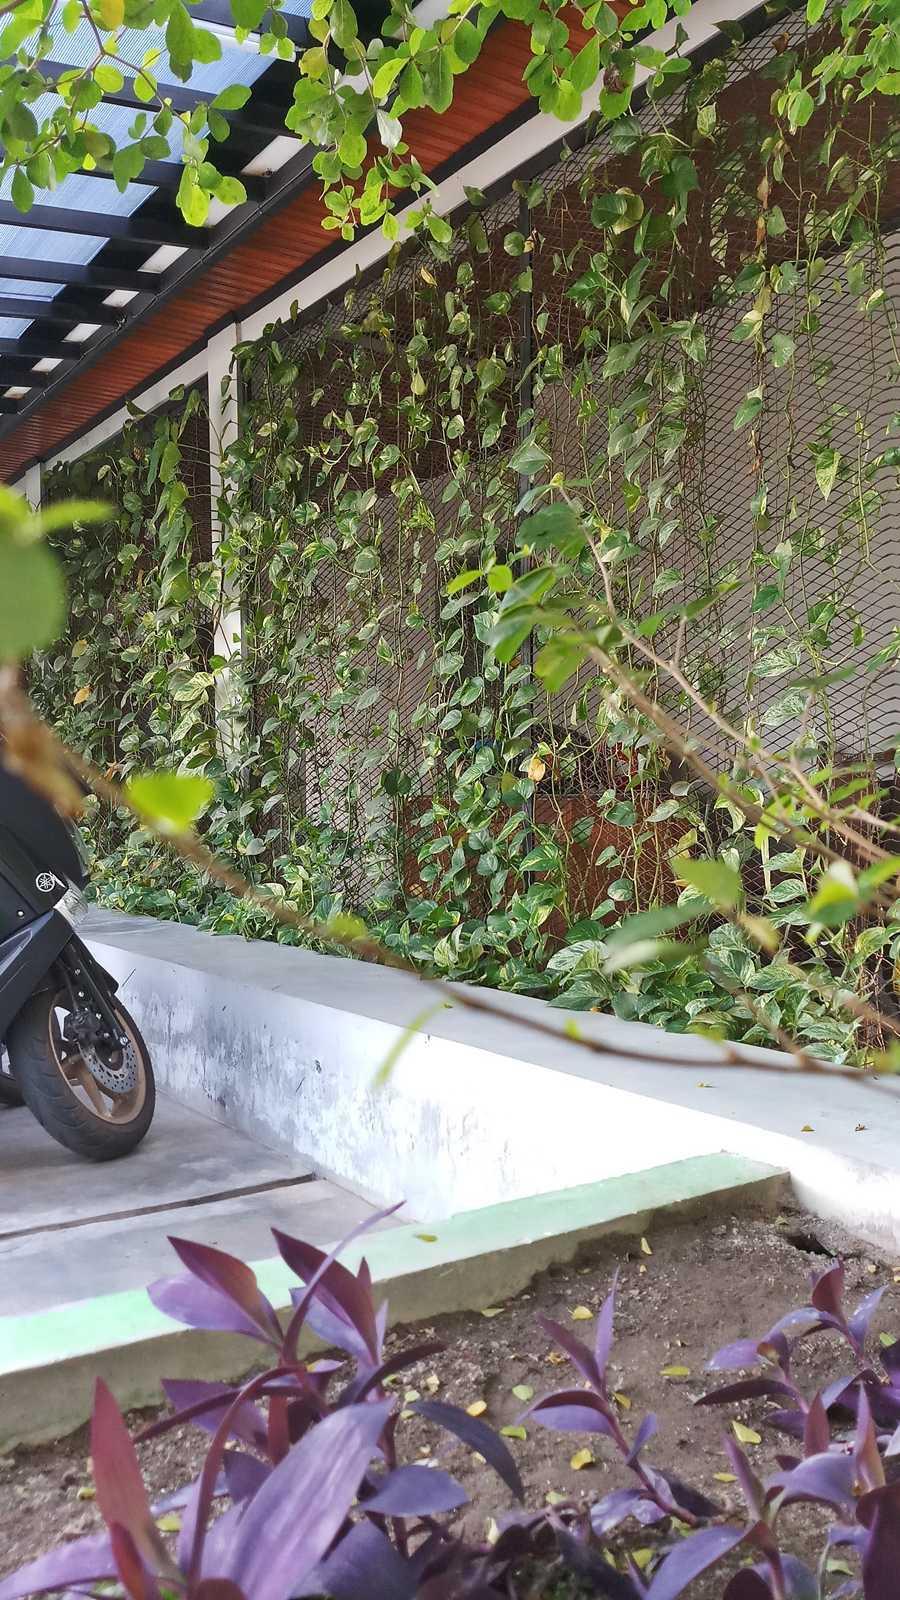 Bd Studio Coffee Lab By Kopitree Medan, Kota Medan, Sumatera Utara, Indonesia Medan, Kota Medan, Sumatera Utara, Indonesia Bd-Studio-Coffee-Lab-By-Kopitree  73808